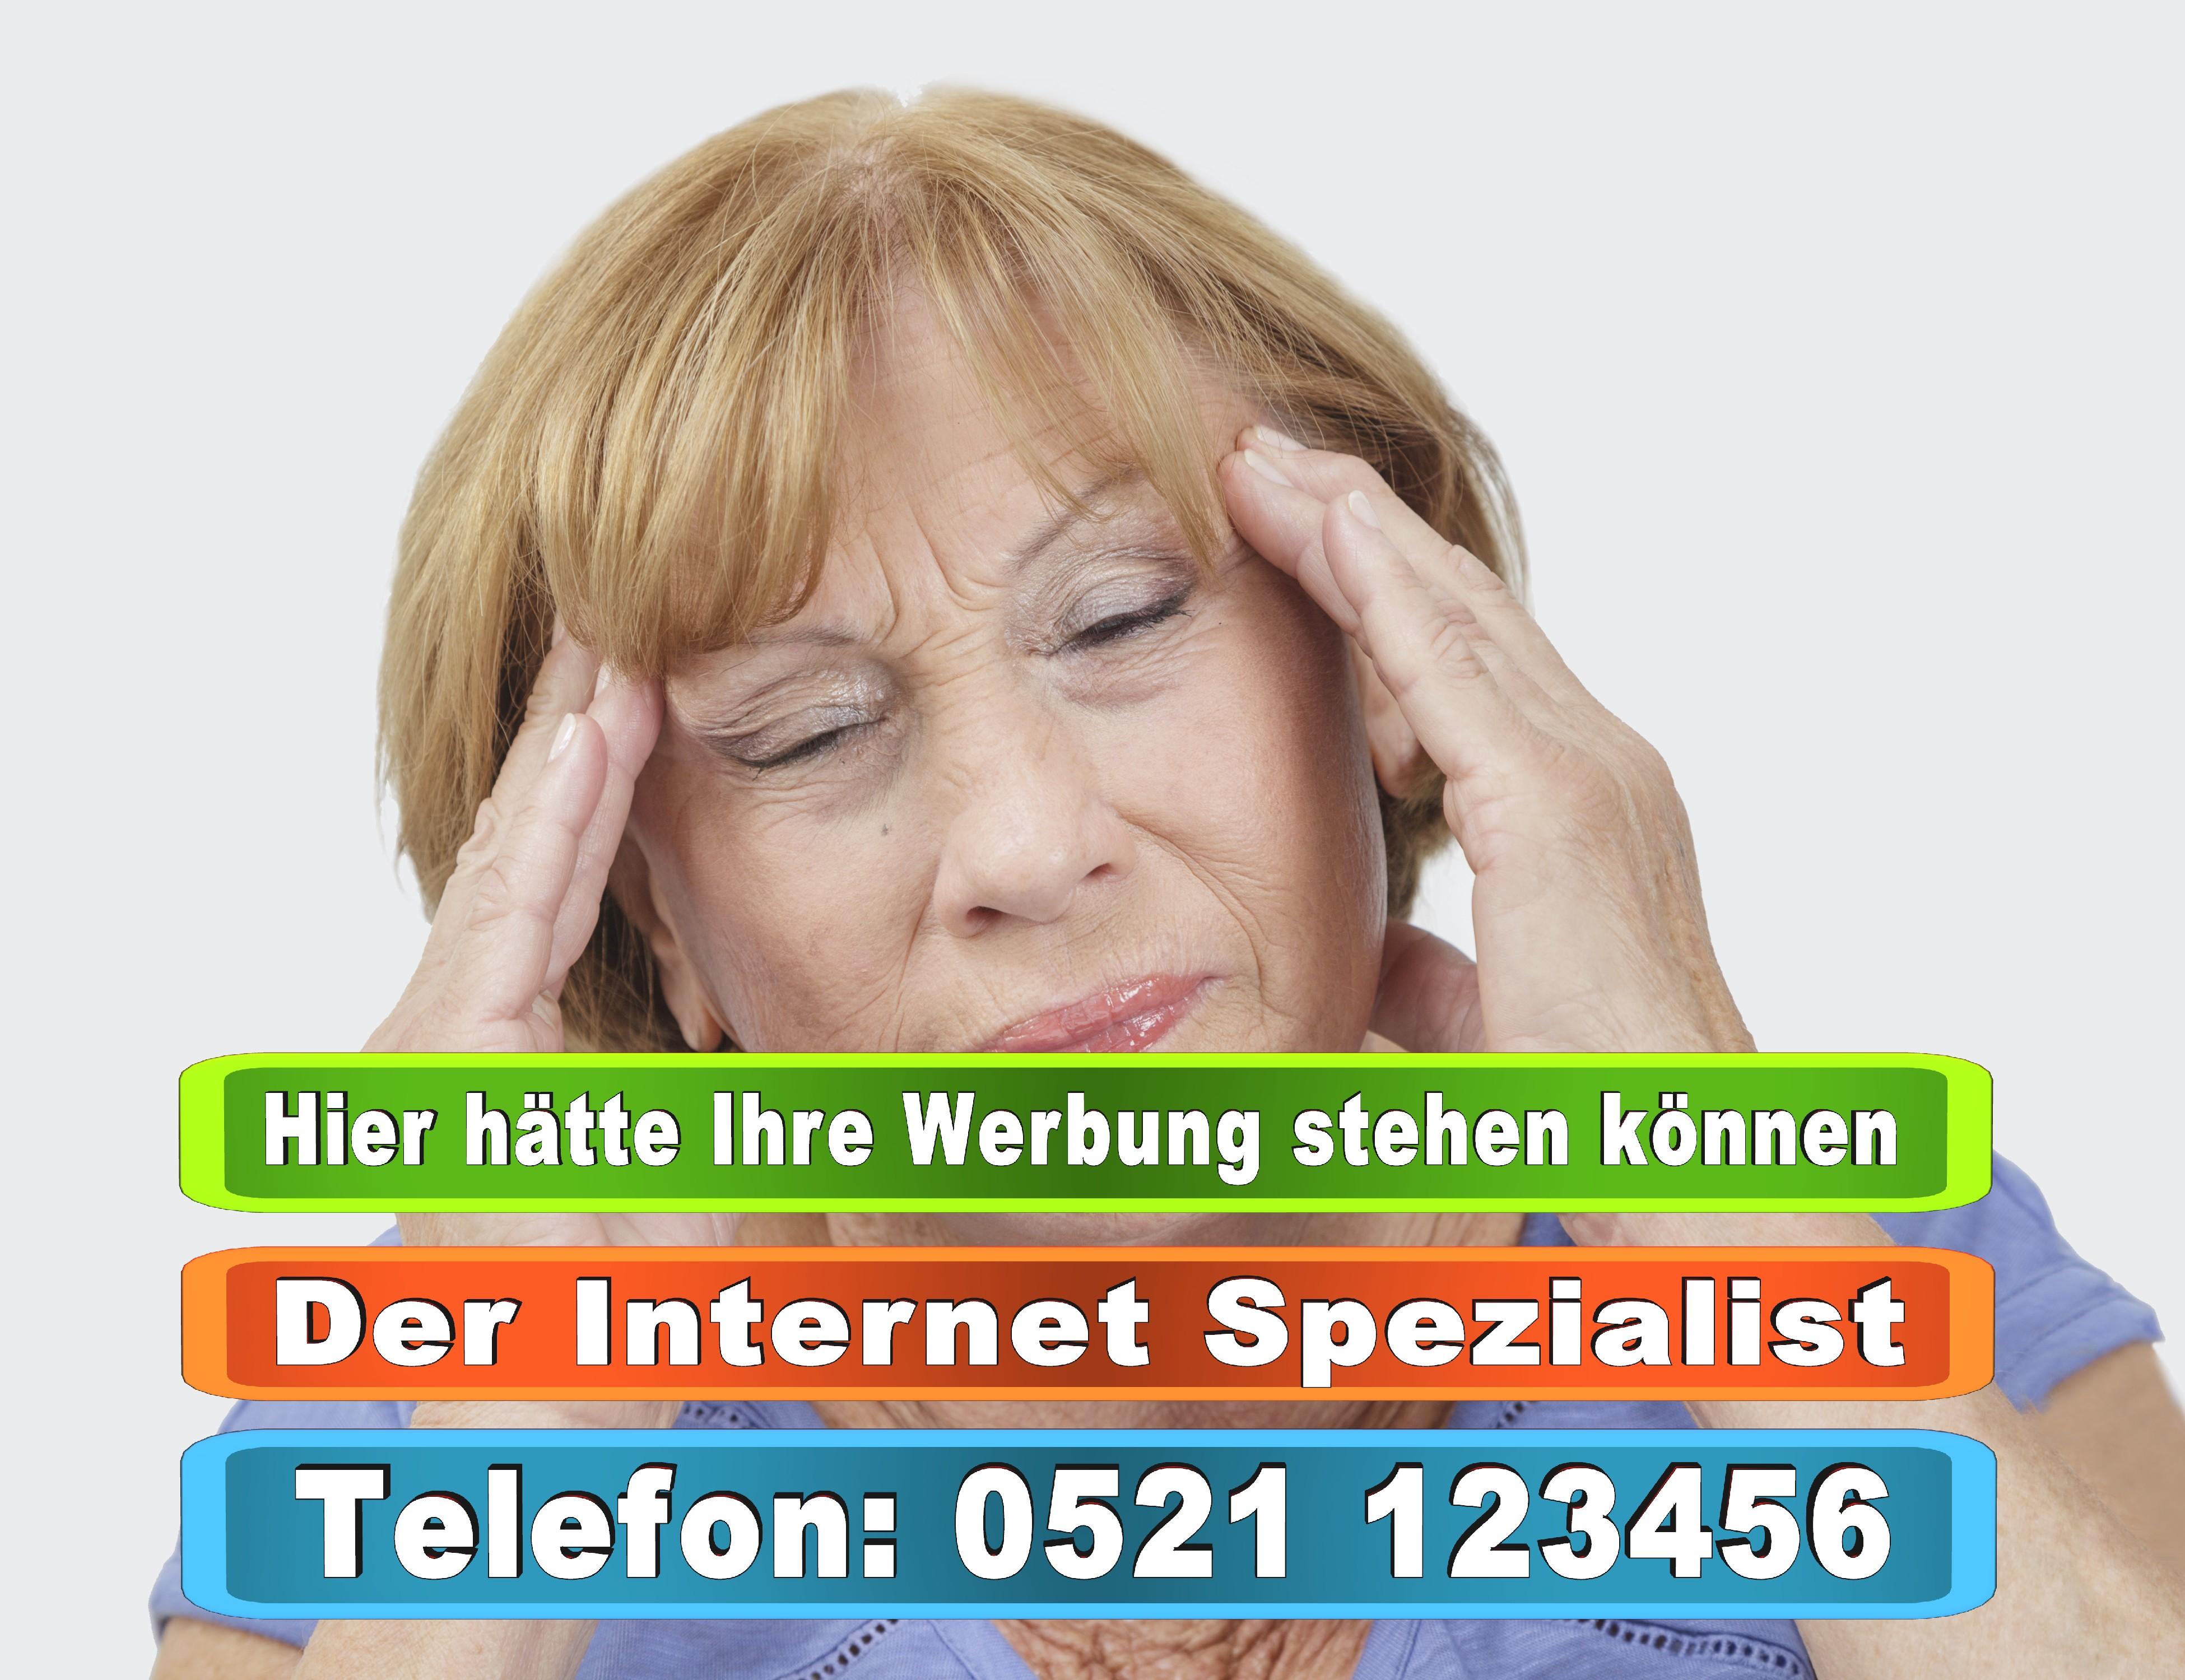 Bielefeld Werbung Werbeanzeigen Zeitungen Bielefeld OWL NRW Demonstrationen Polizei Bielefeld Kleinanzeigen Bielefeld Berlin Hamburg Köln (12)